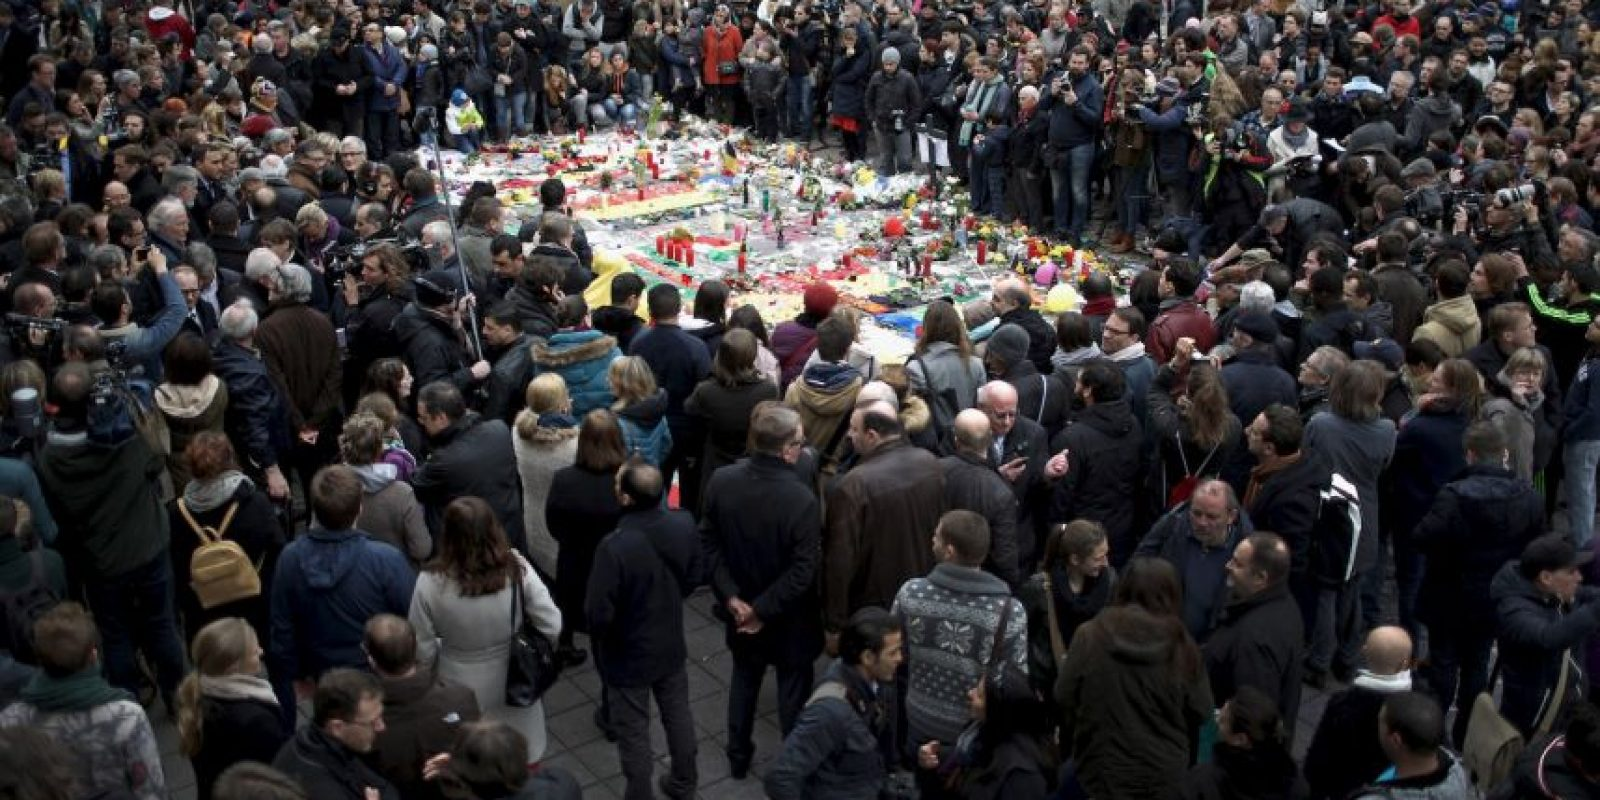 Y también tendría implicación en los atentados del pasado 22 de noviembre en Bruselas Foto:Getty Images